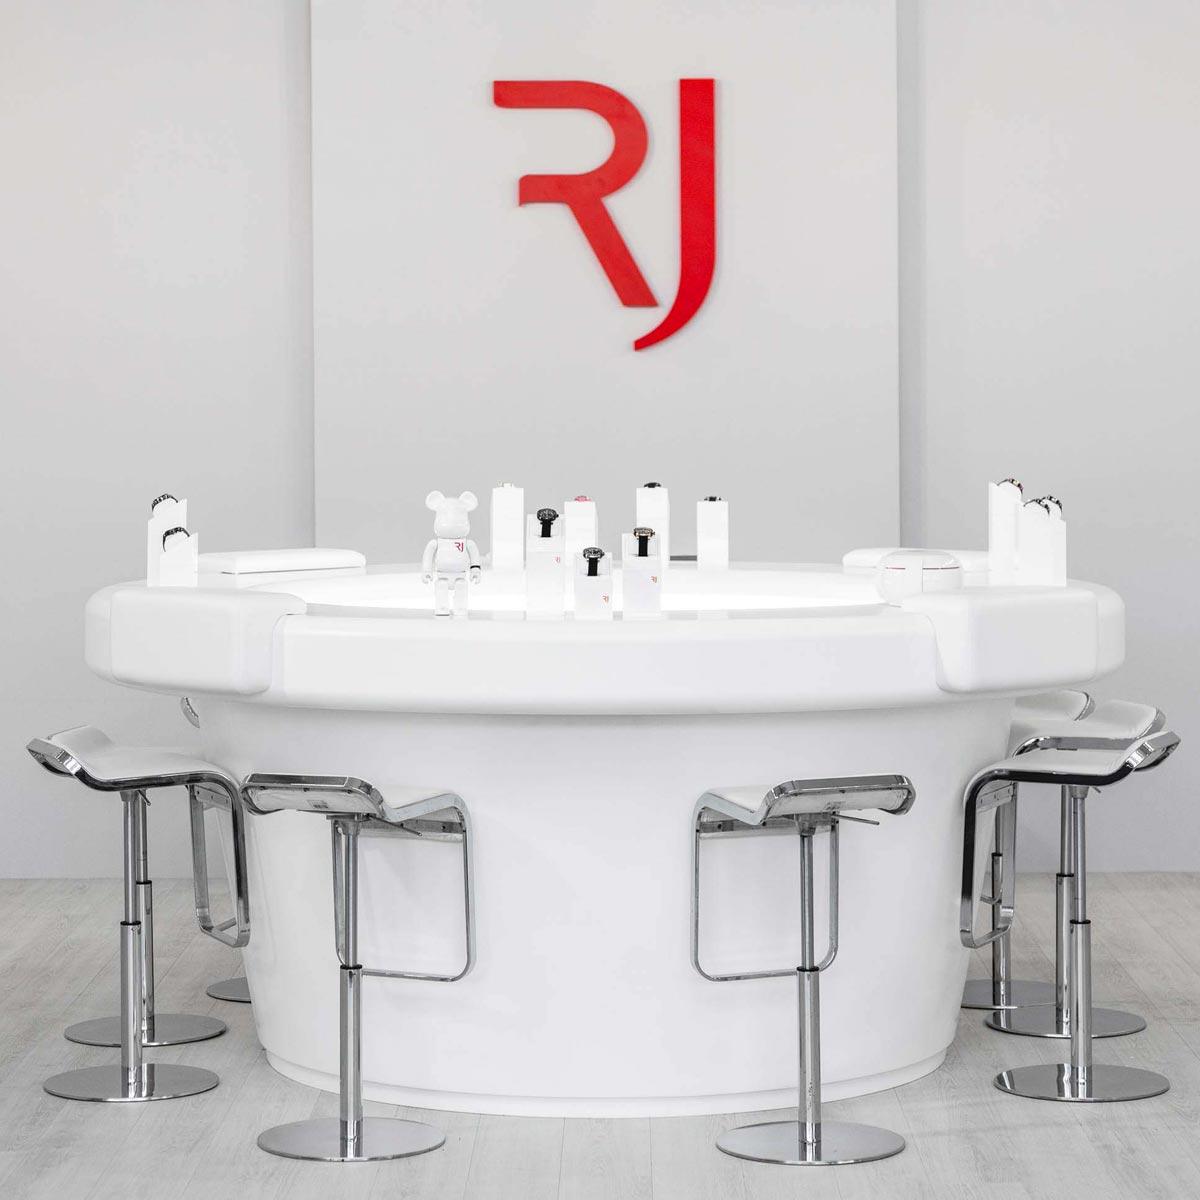 La Cote des Montres : Photo - RJ X BE@RBRICK